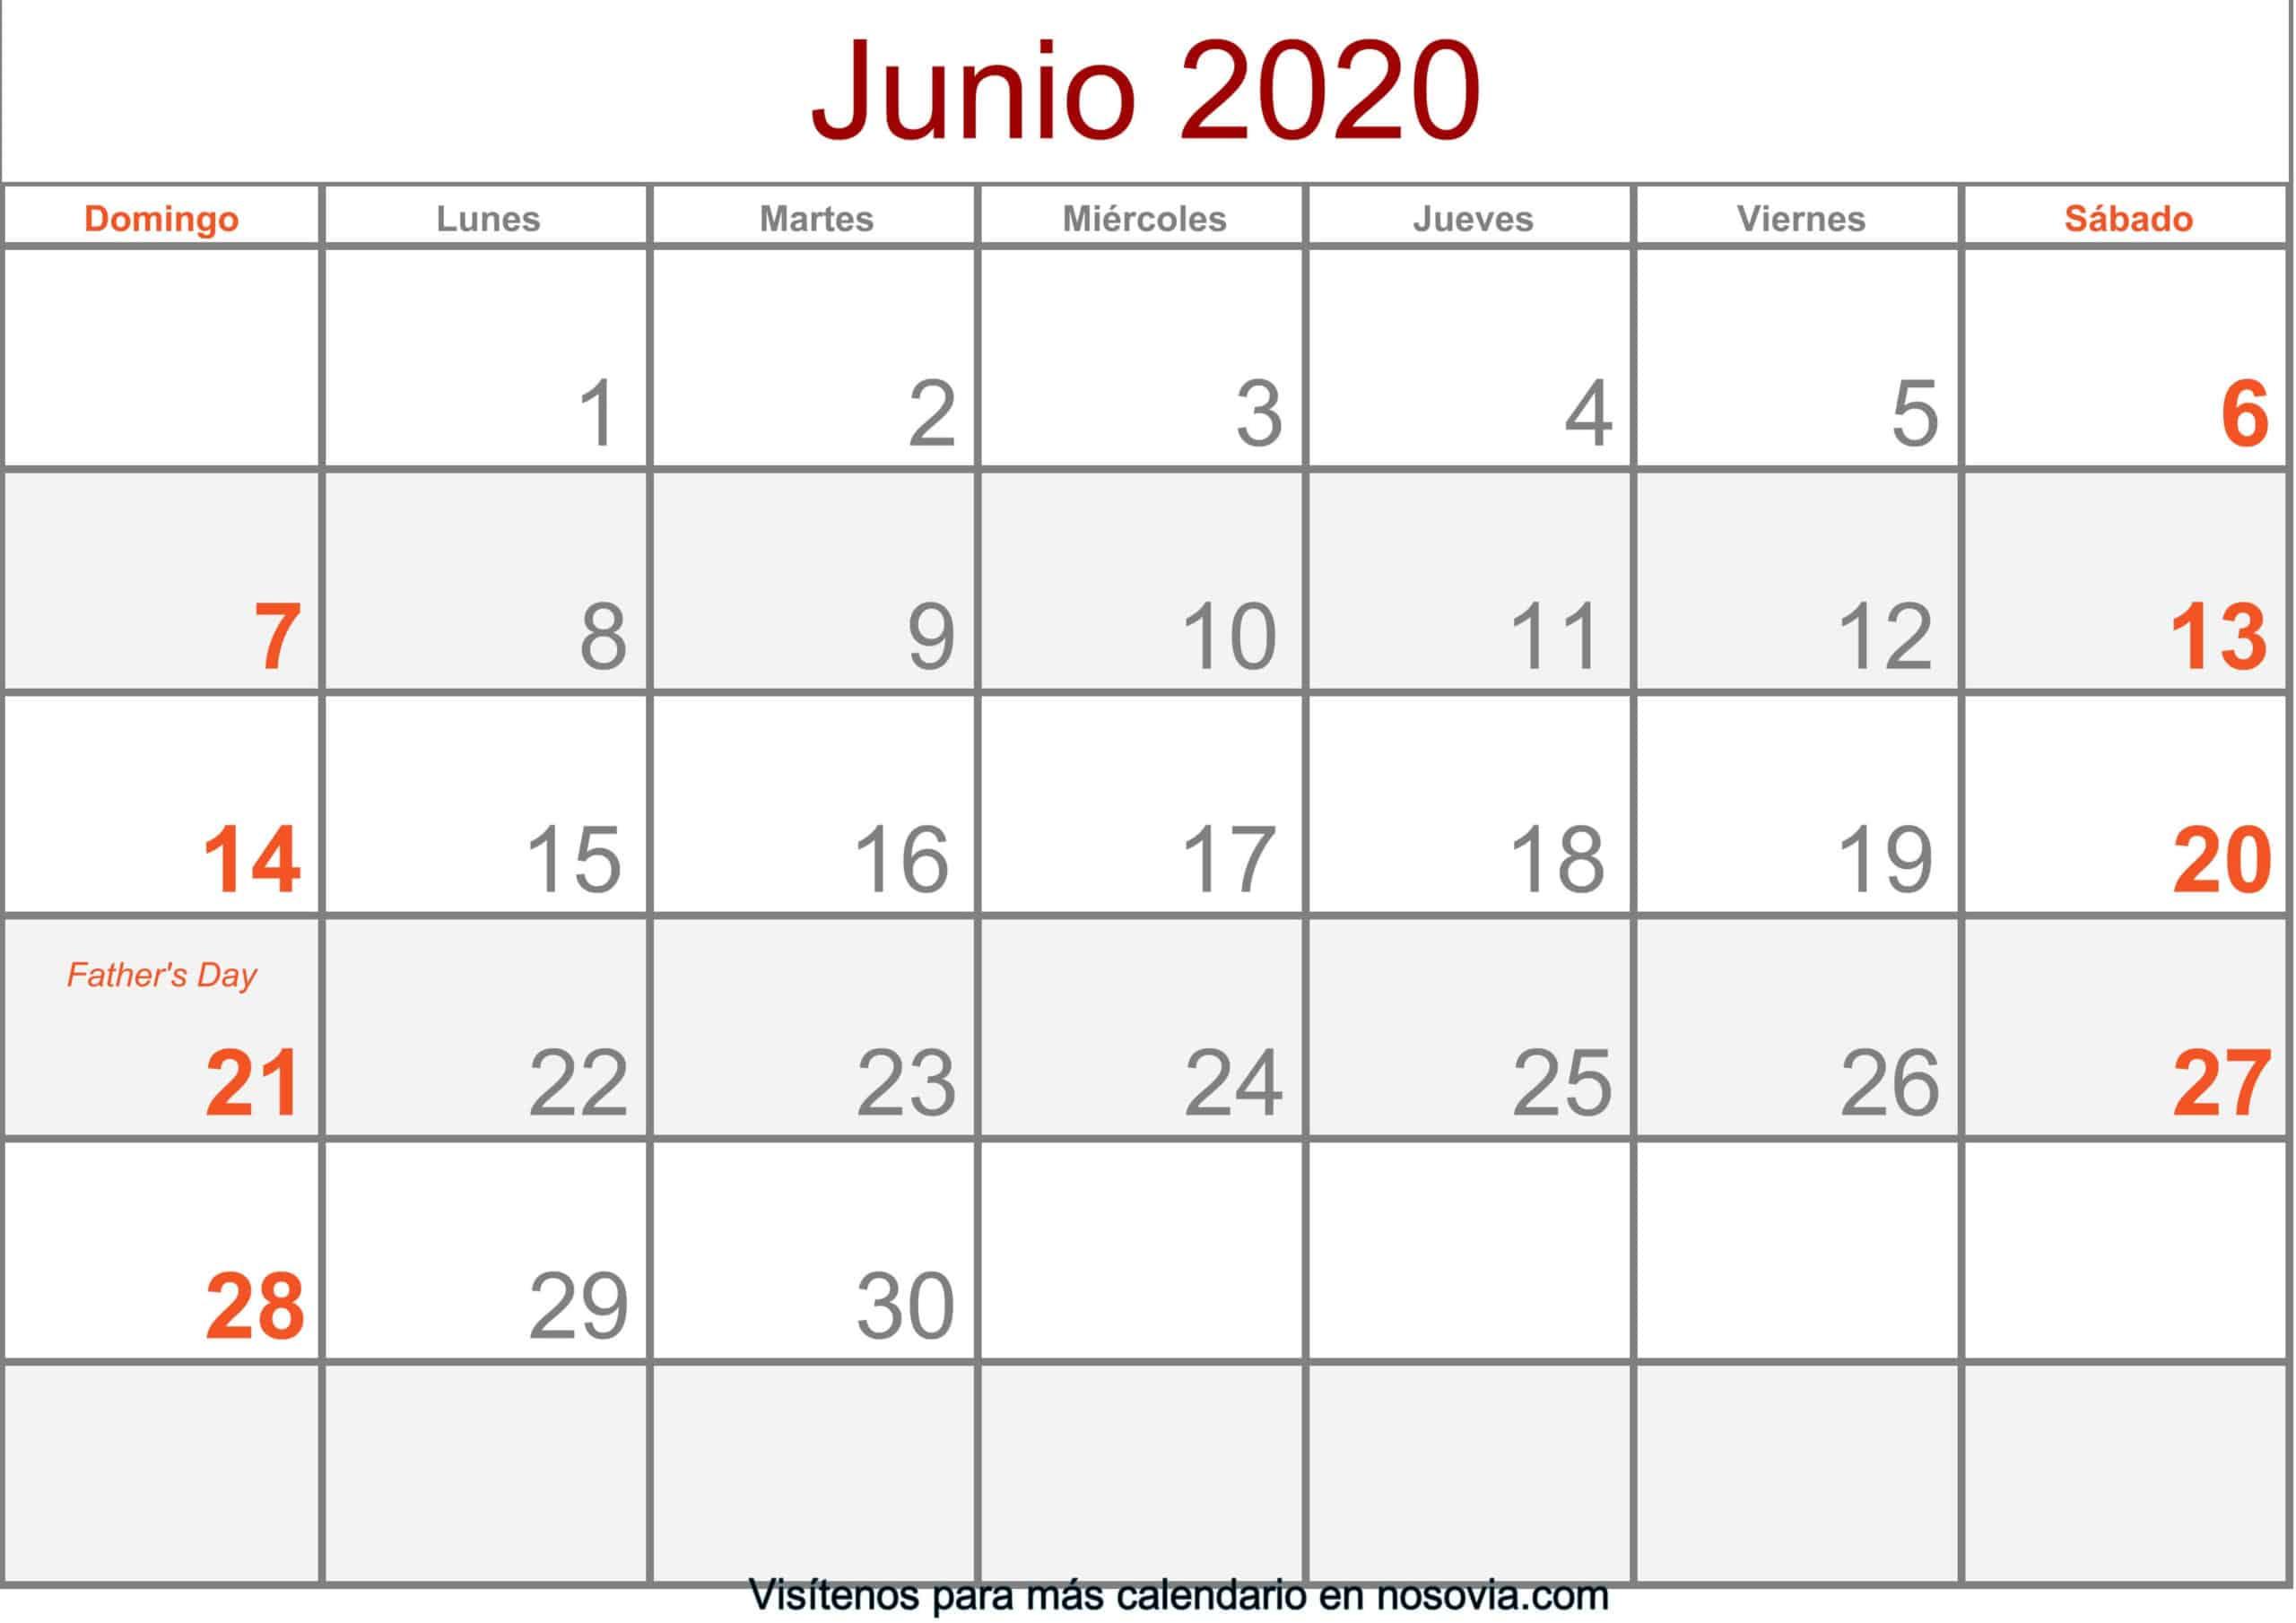 Calendario-junio-2020-Con-Festivos-Formato